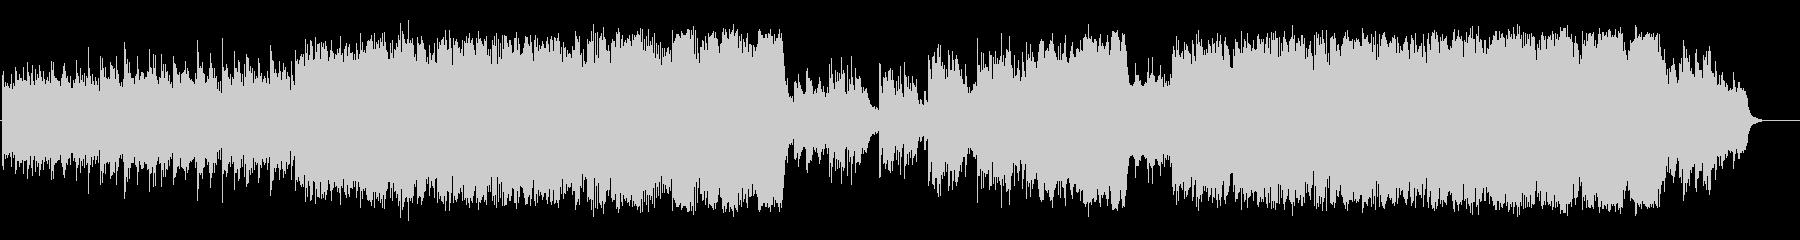 和風中華味のミクスチャー・サウンドの未再生の波形